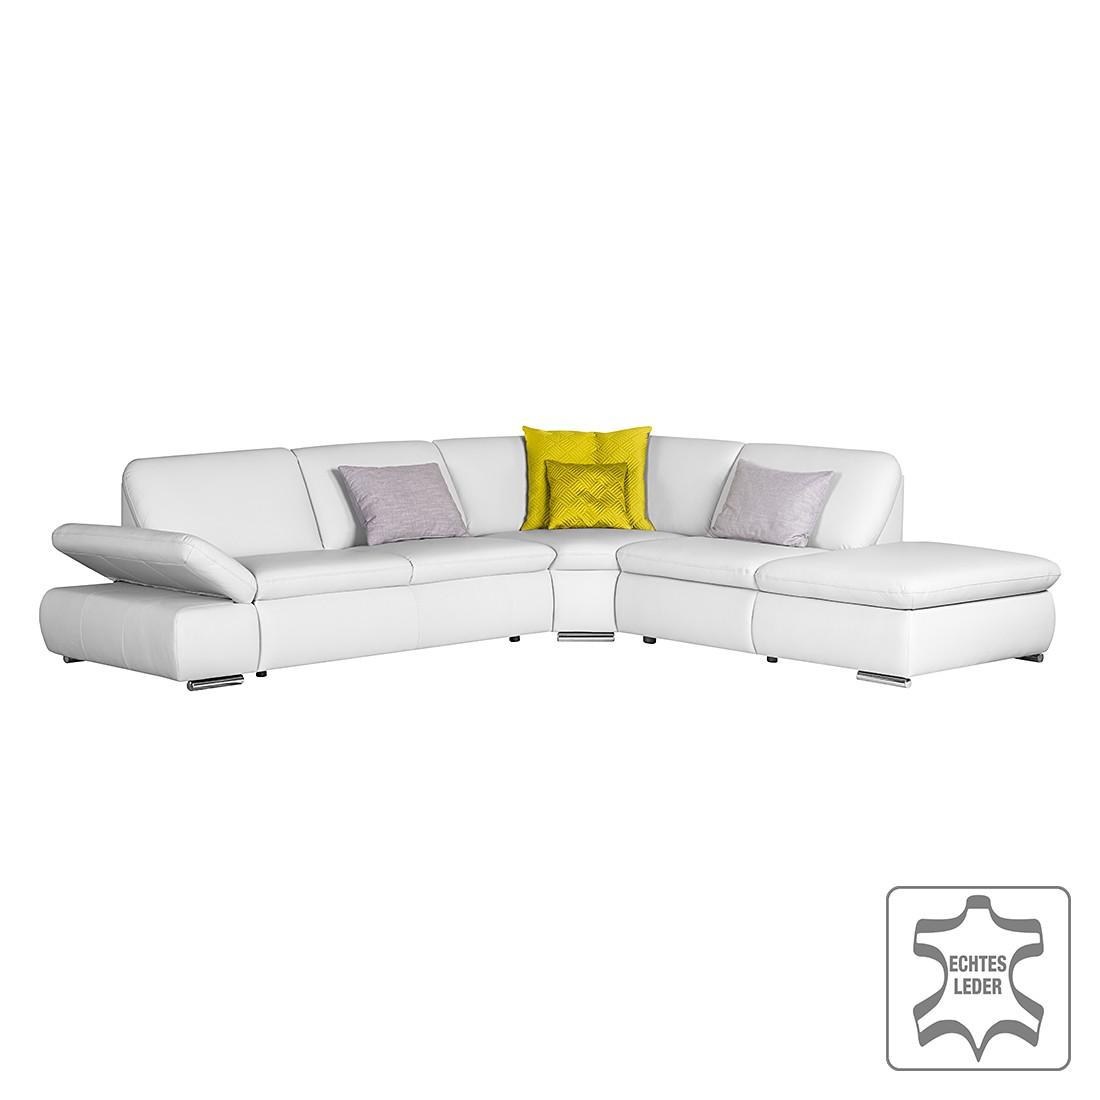 Canapé d'angle Seymor - Cuir véritable Gris clair Méridienne à droite (vue de face), Nuovoform